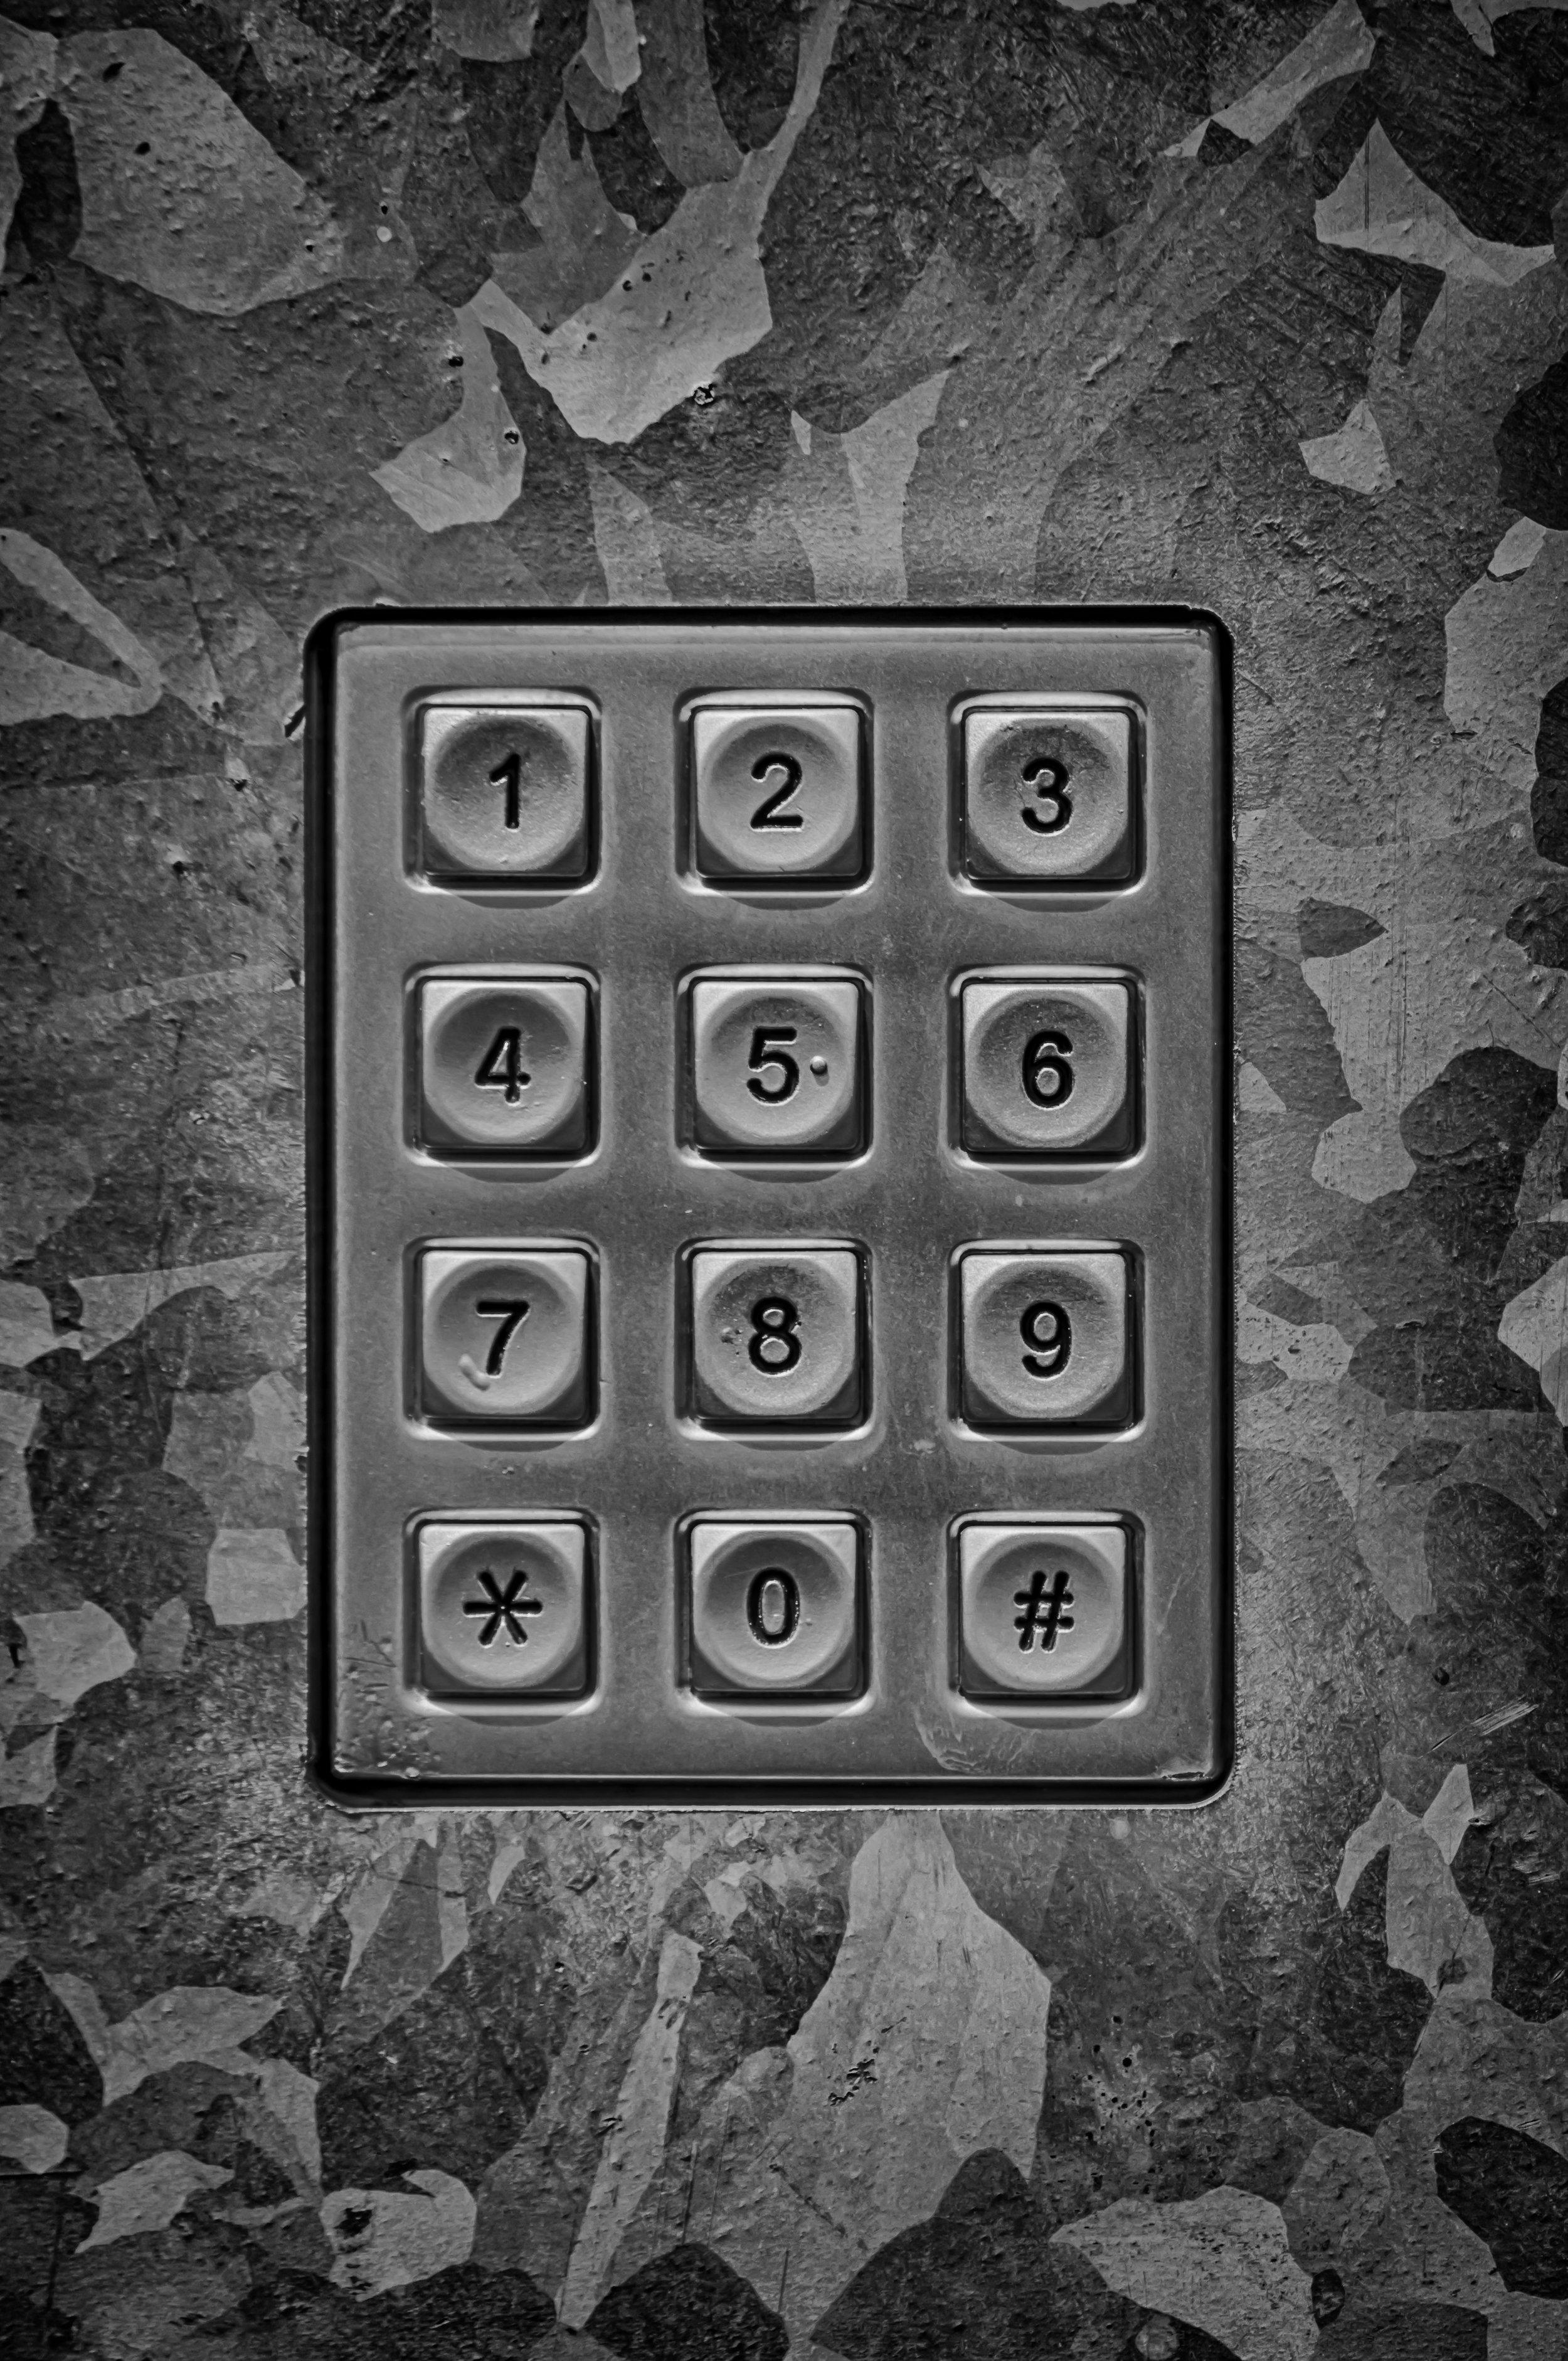 keypad-1.jpg